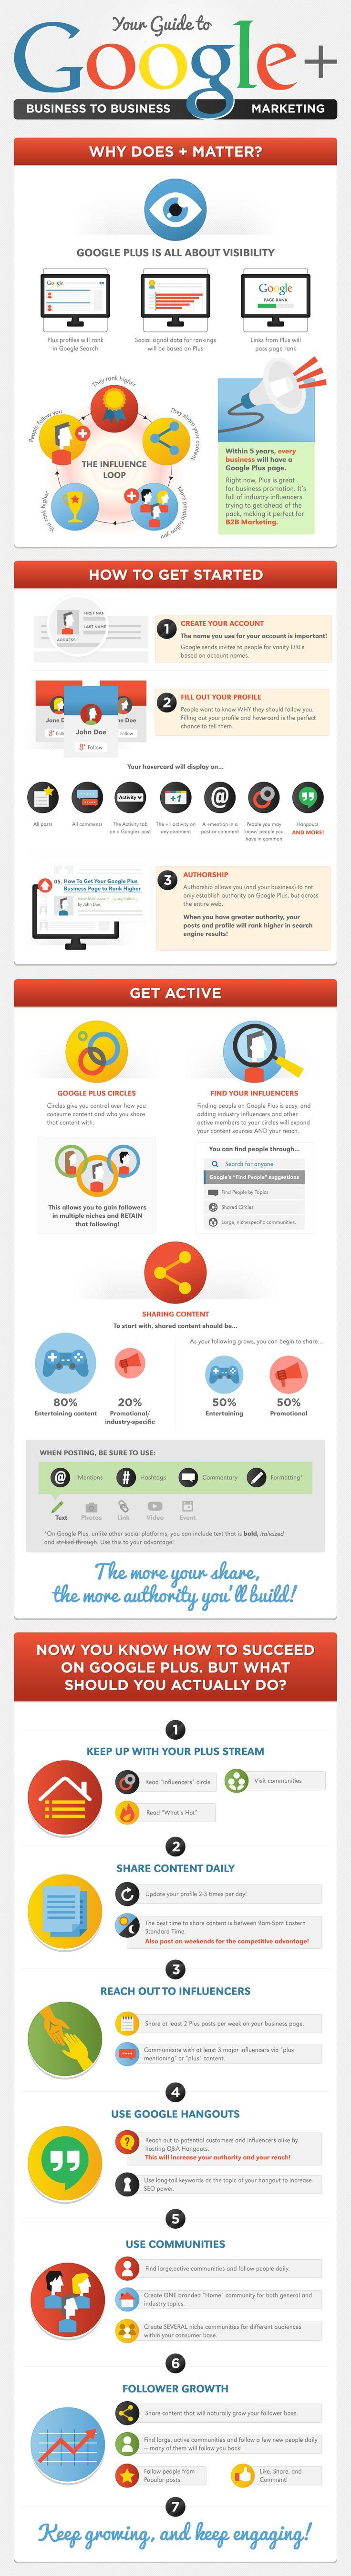 Pourquoi être présent sur Google+ ?